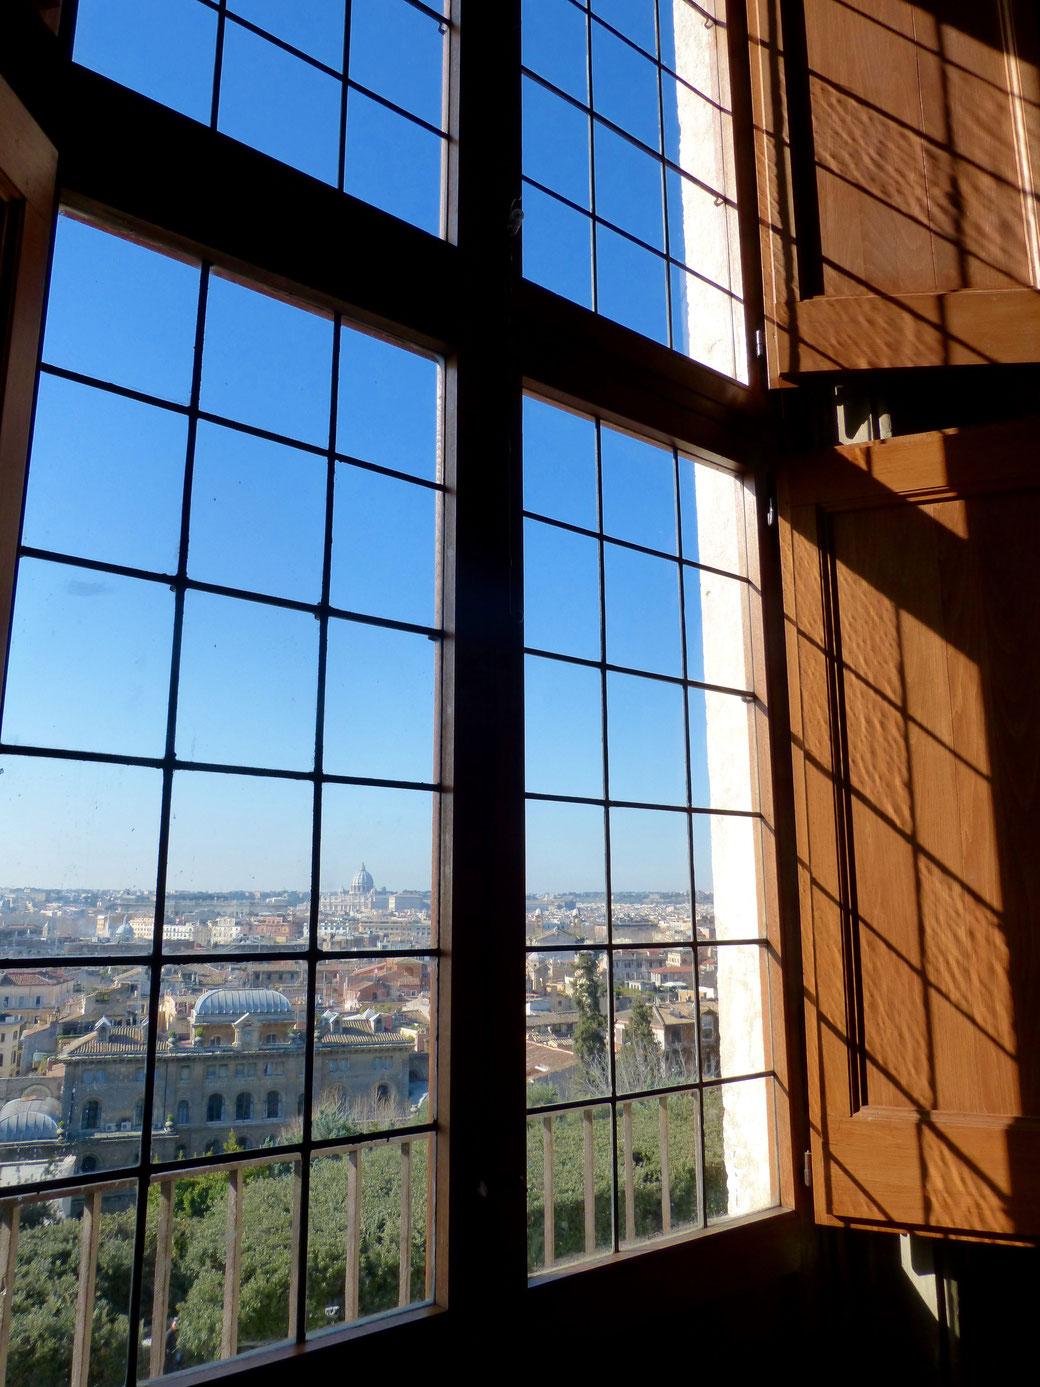 Der schönste Fensterblick in Rom